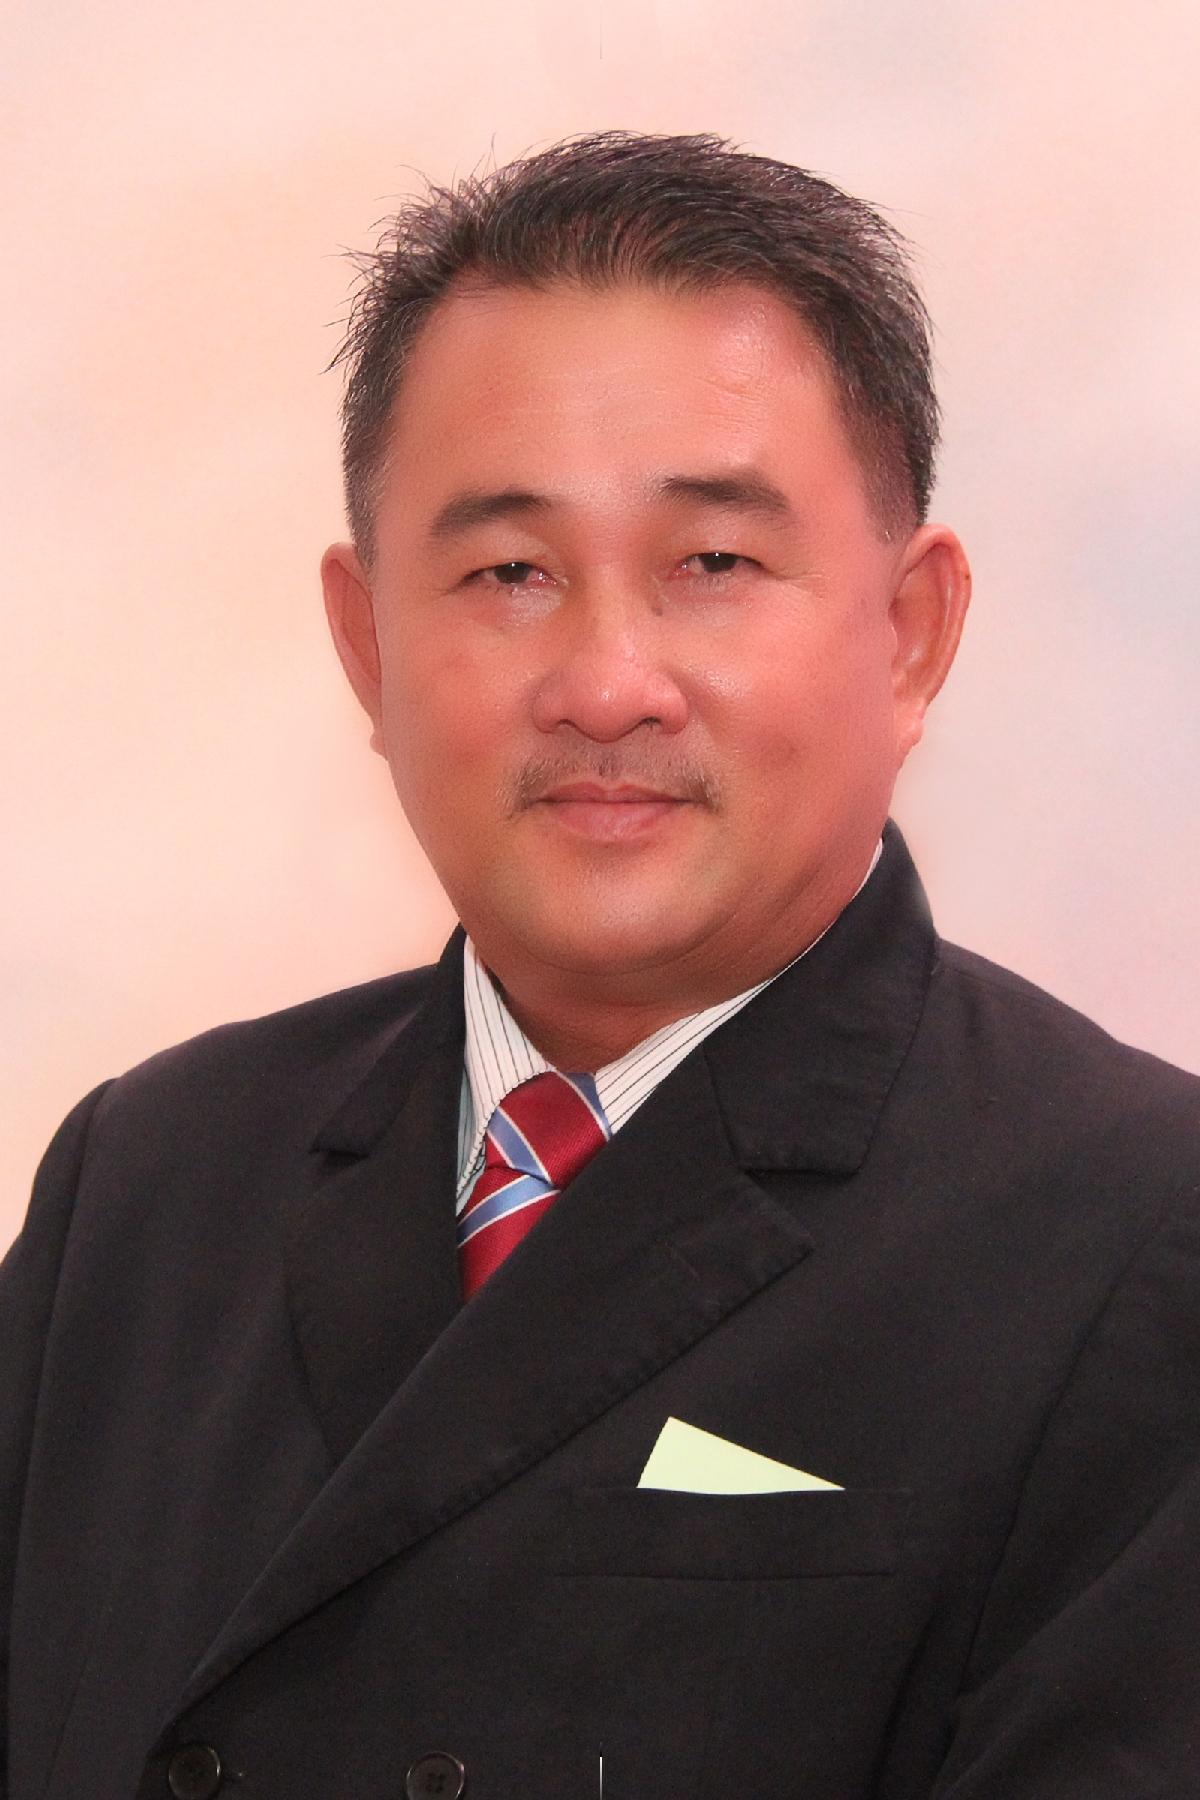 <h80>林子明</h80><br>Lim Tze Ming